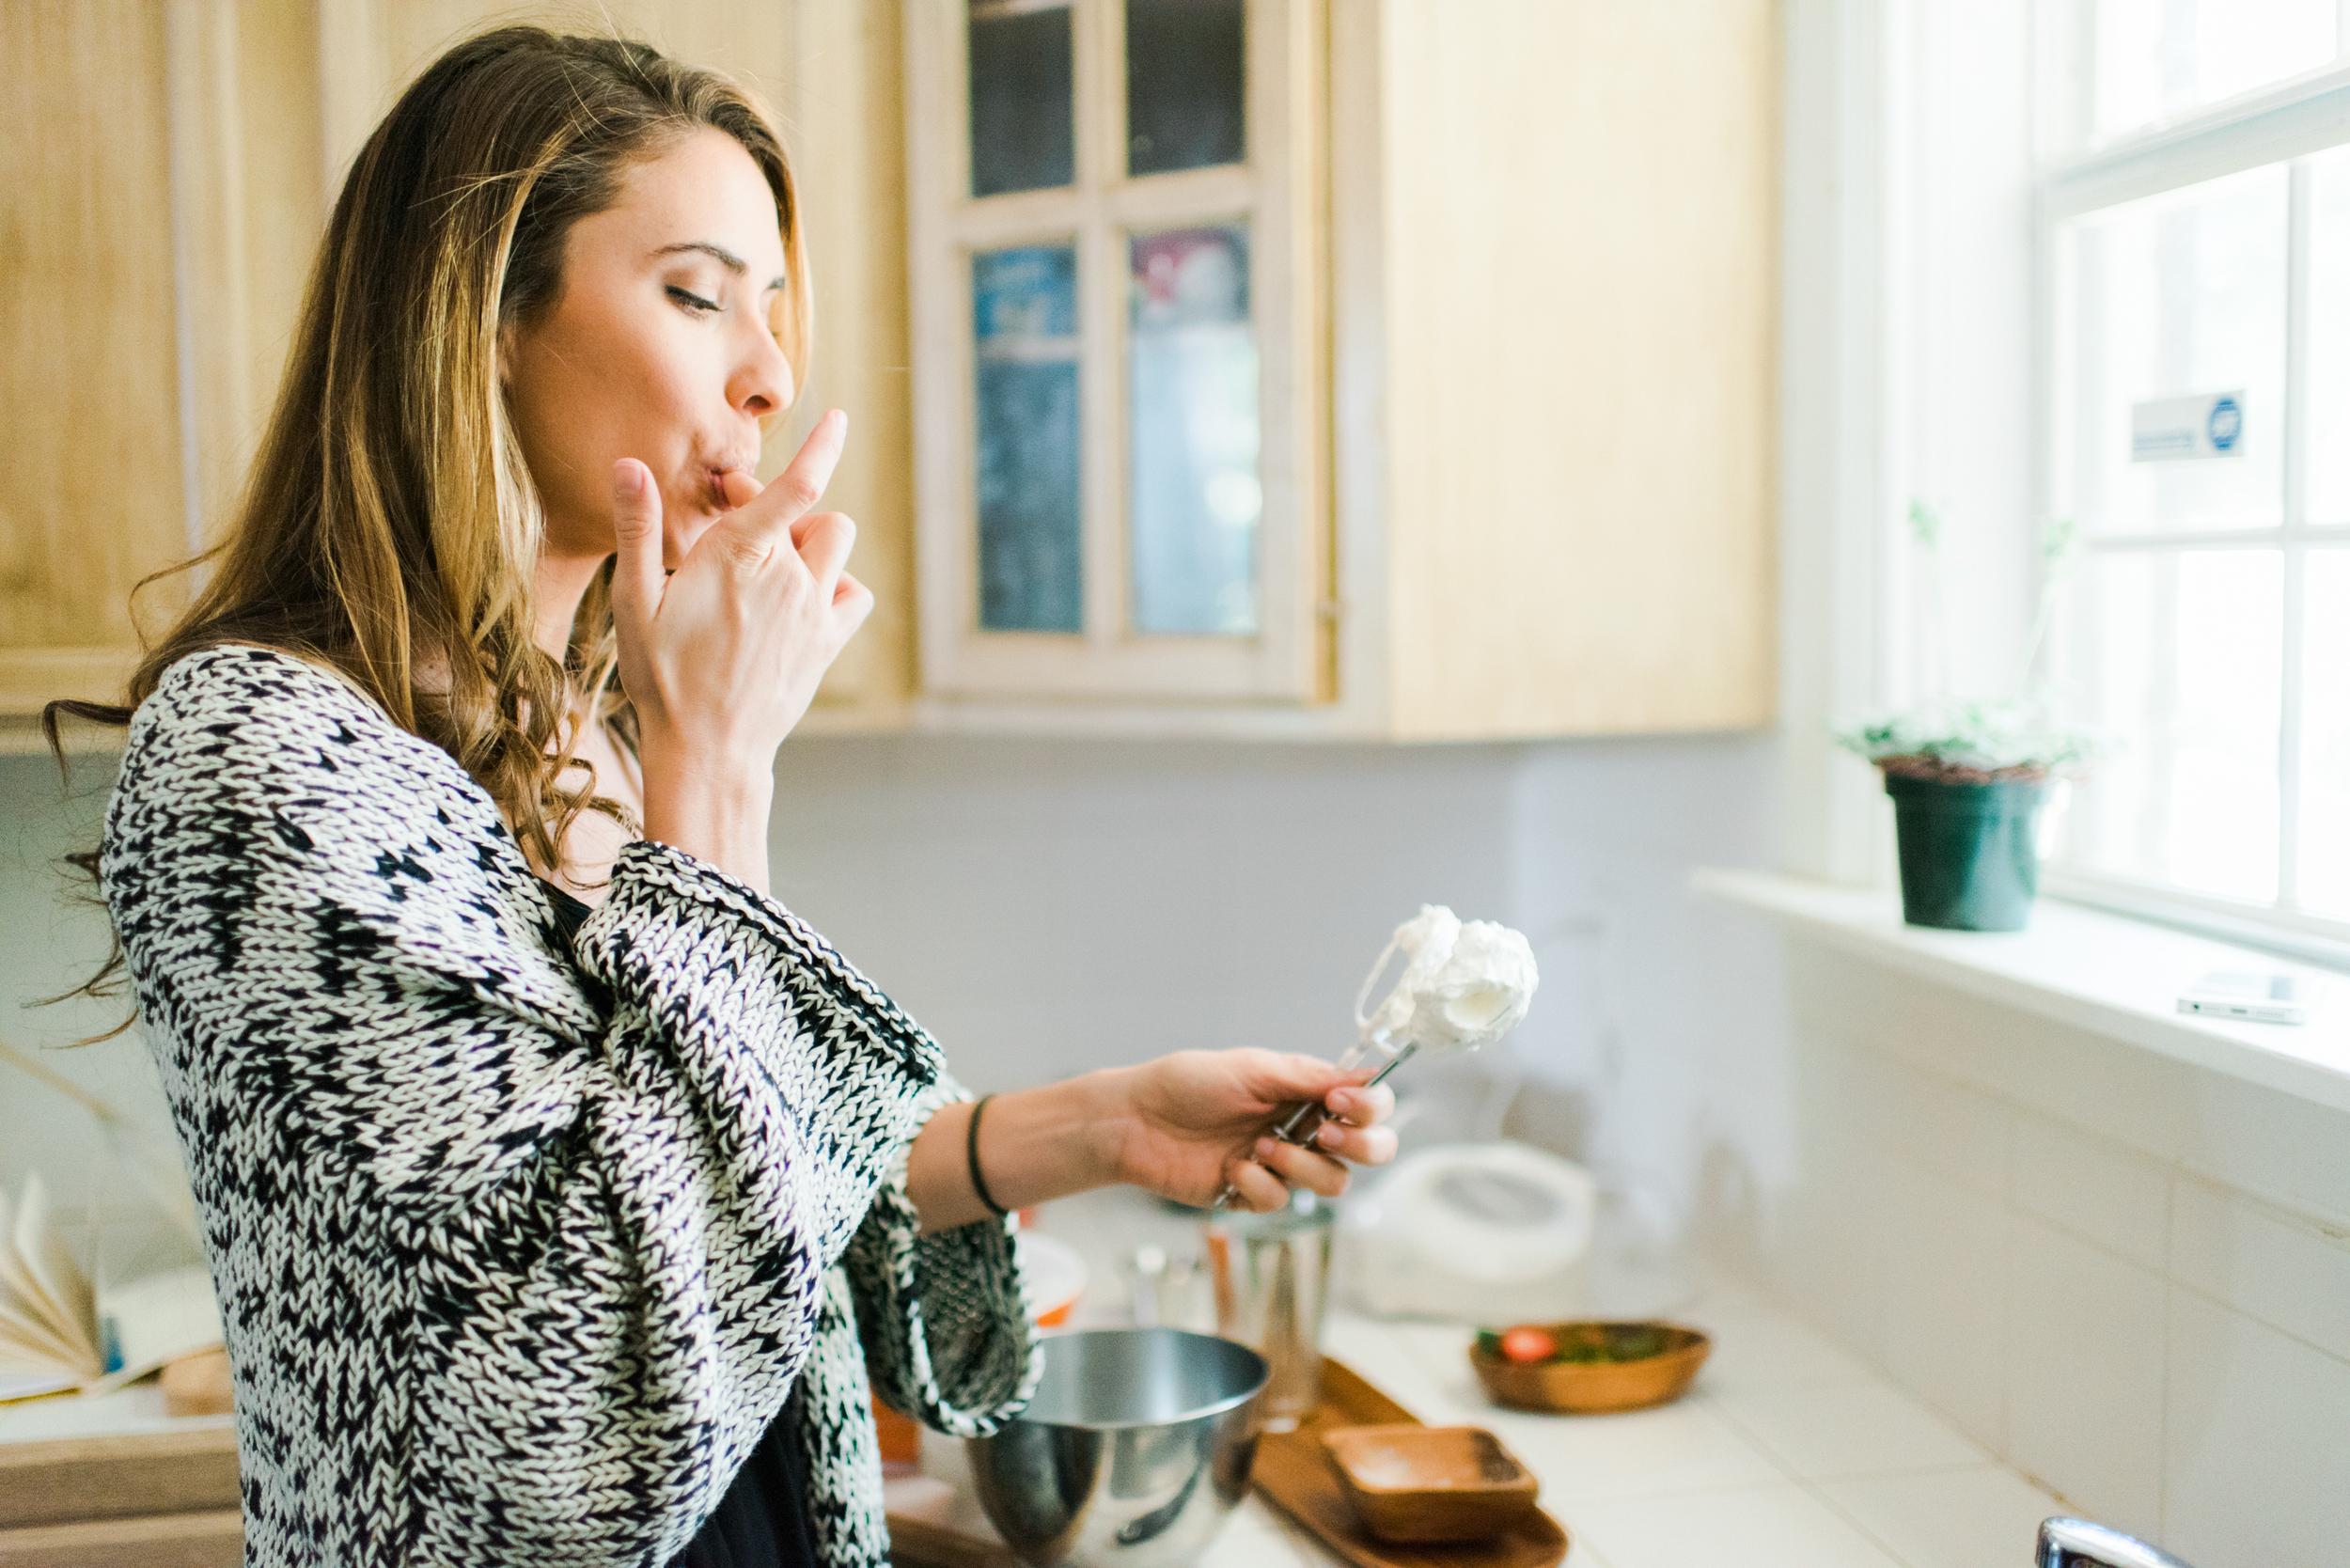 the-best-homemade-crepe-recipe-the-spice-girl-blog (26 of 36).jpg